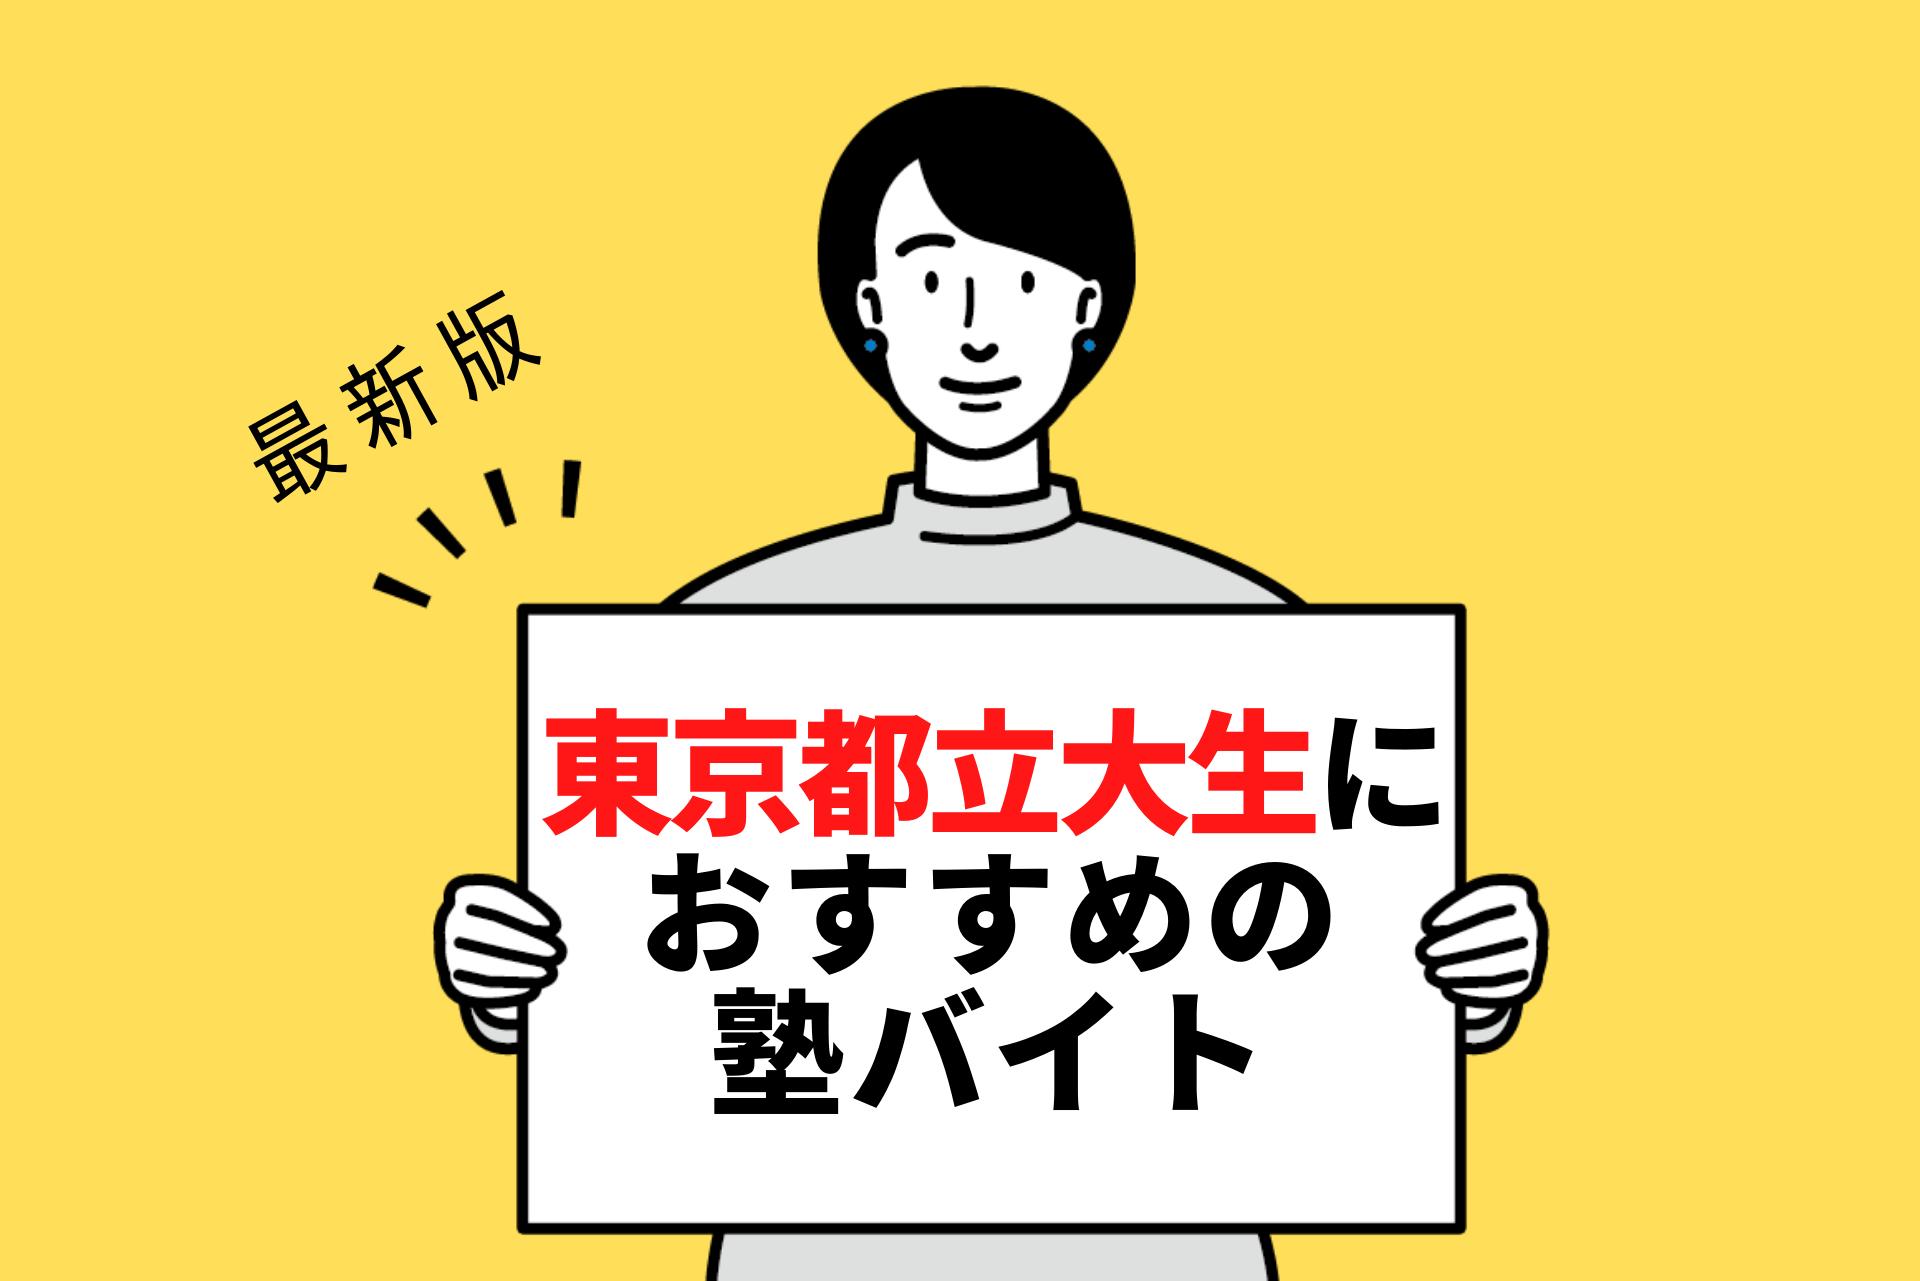 東京都立大学(旧:首都大学東京)の学生さんにおすすめの塾